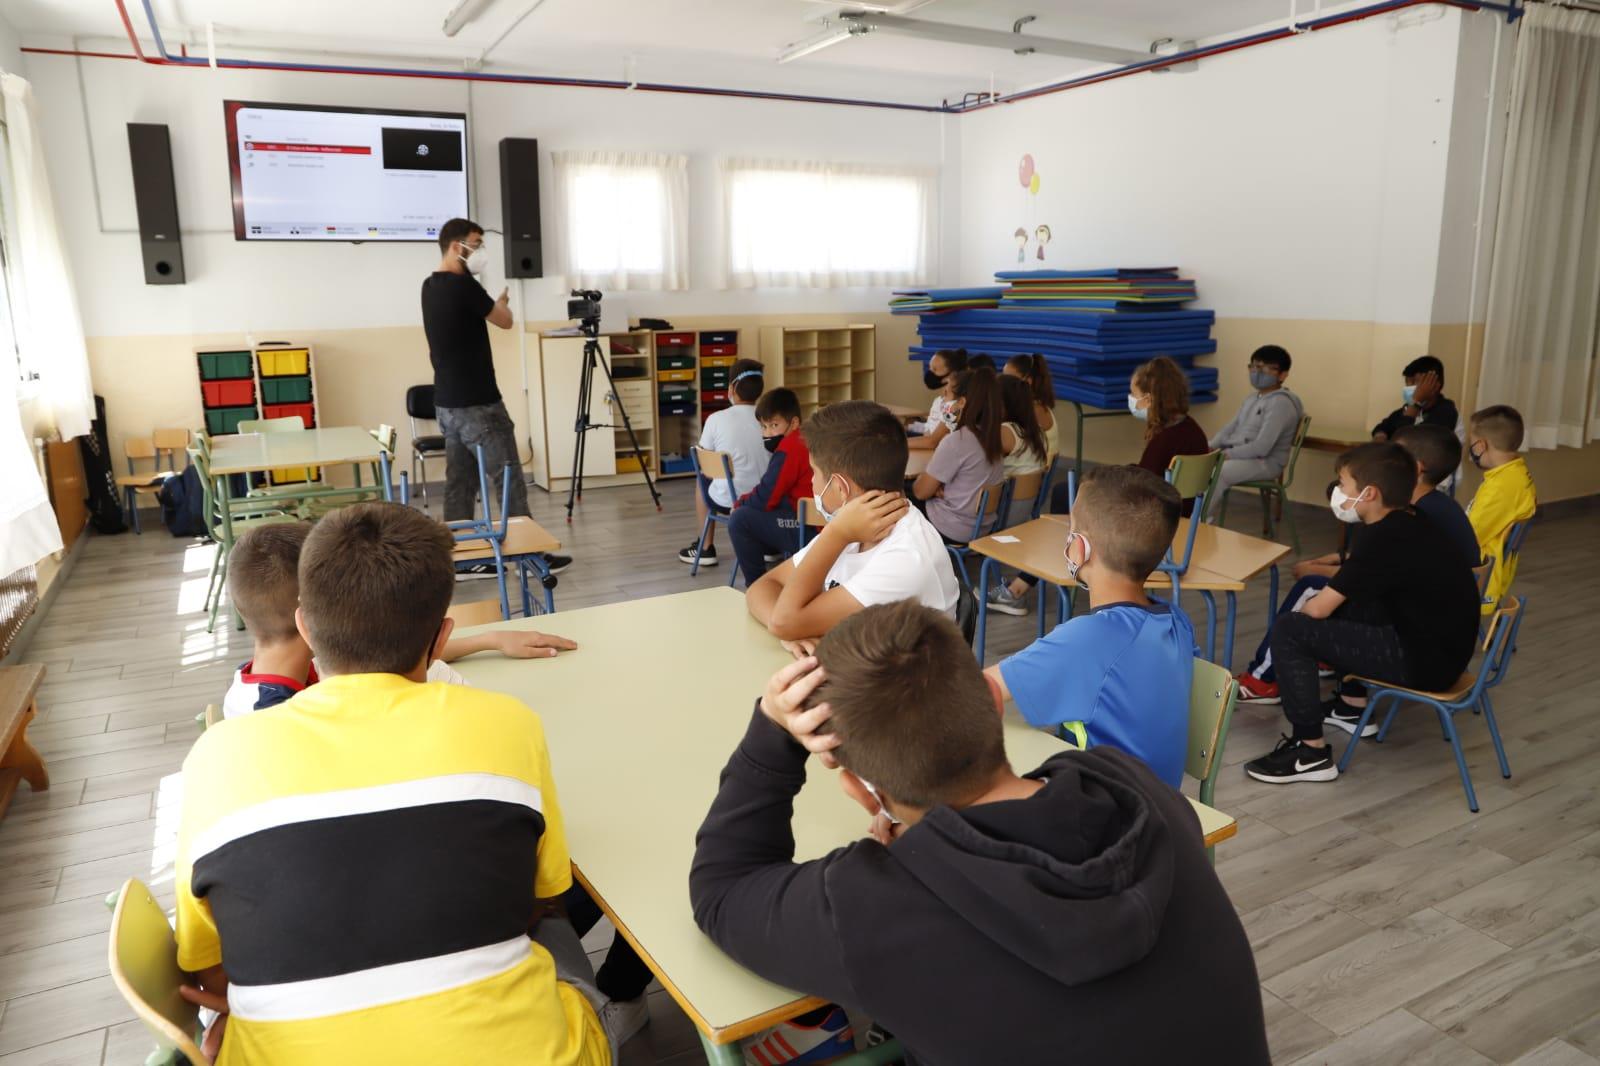 Un taller de radio y TV previene el ciberacoso entre los escolares del colegio San Isidro Labrador de Huétor Tájar